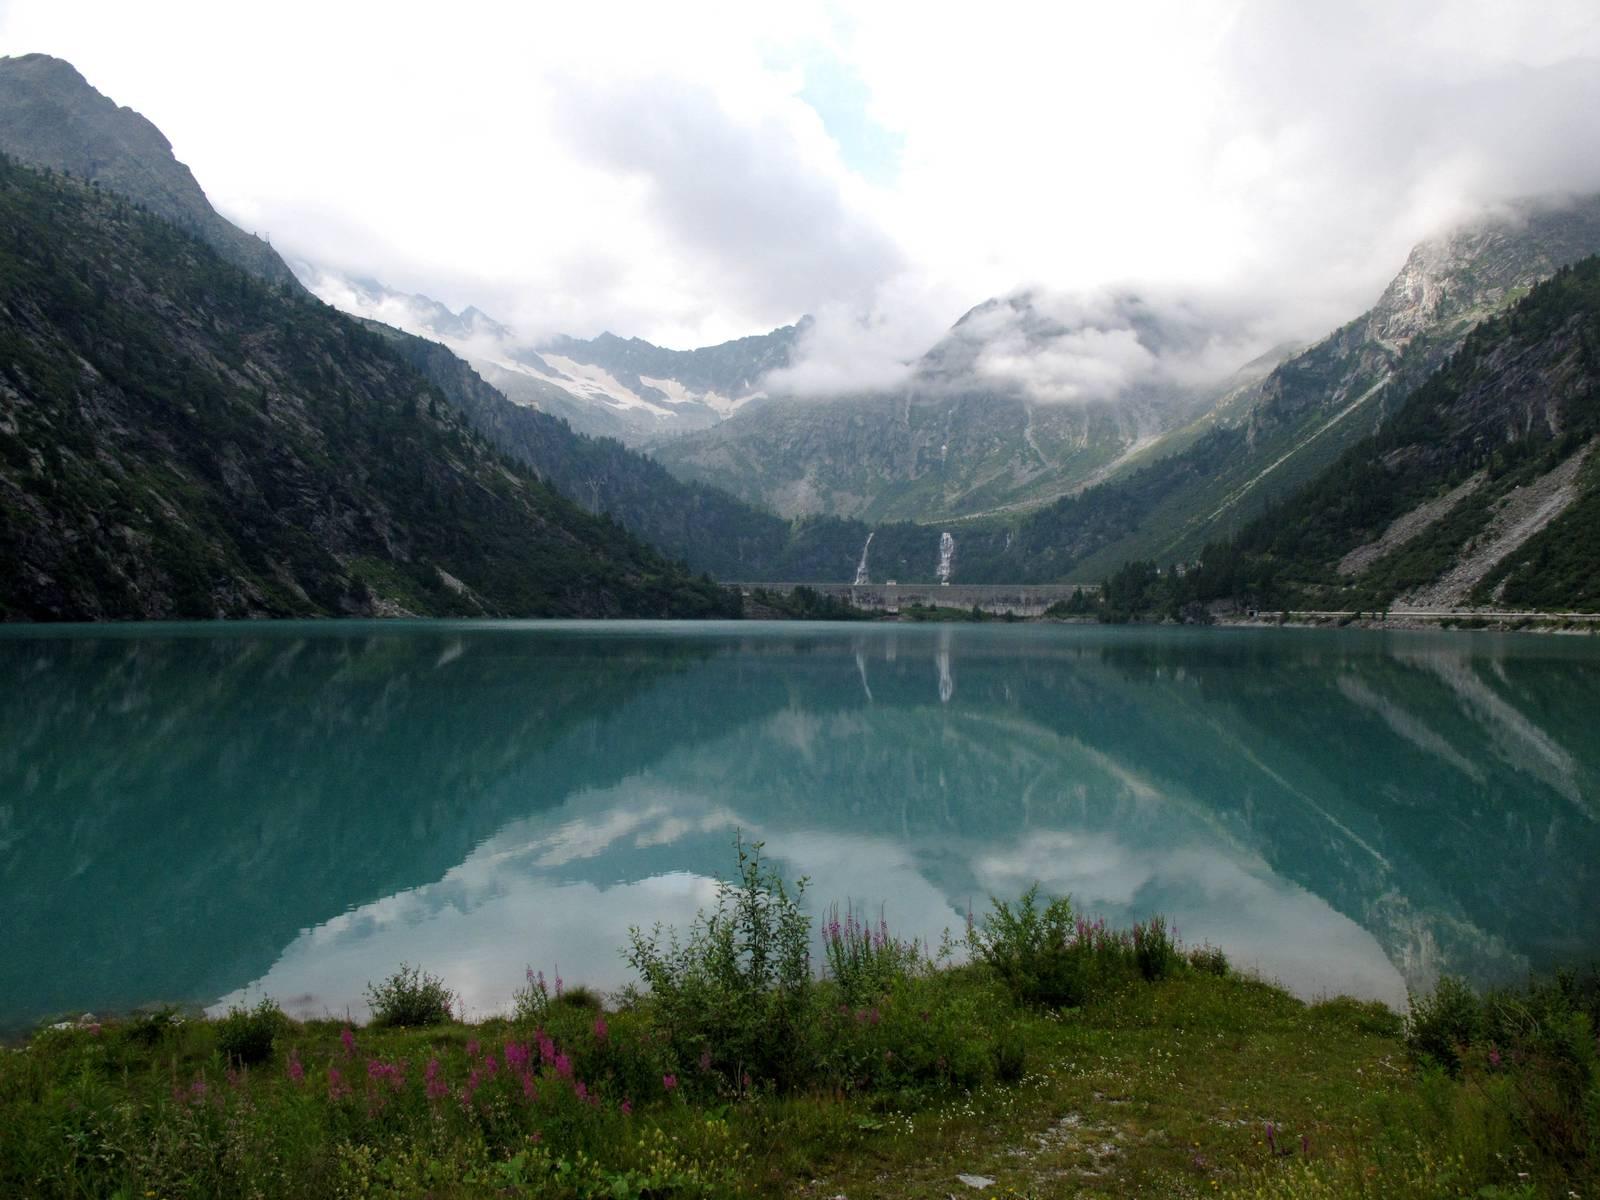 Passi-nella-neve-9-agosto-2014_Narrazione-in-cammino-destinazione-Garibaldi21 Copia